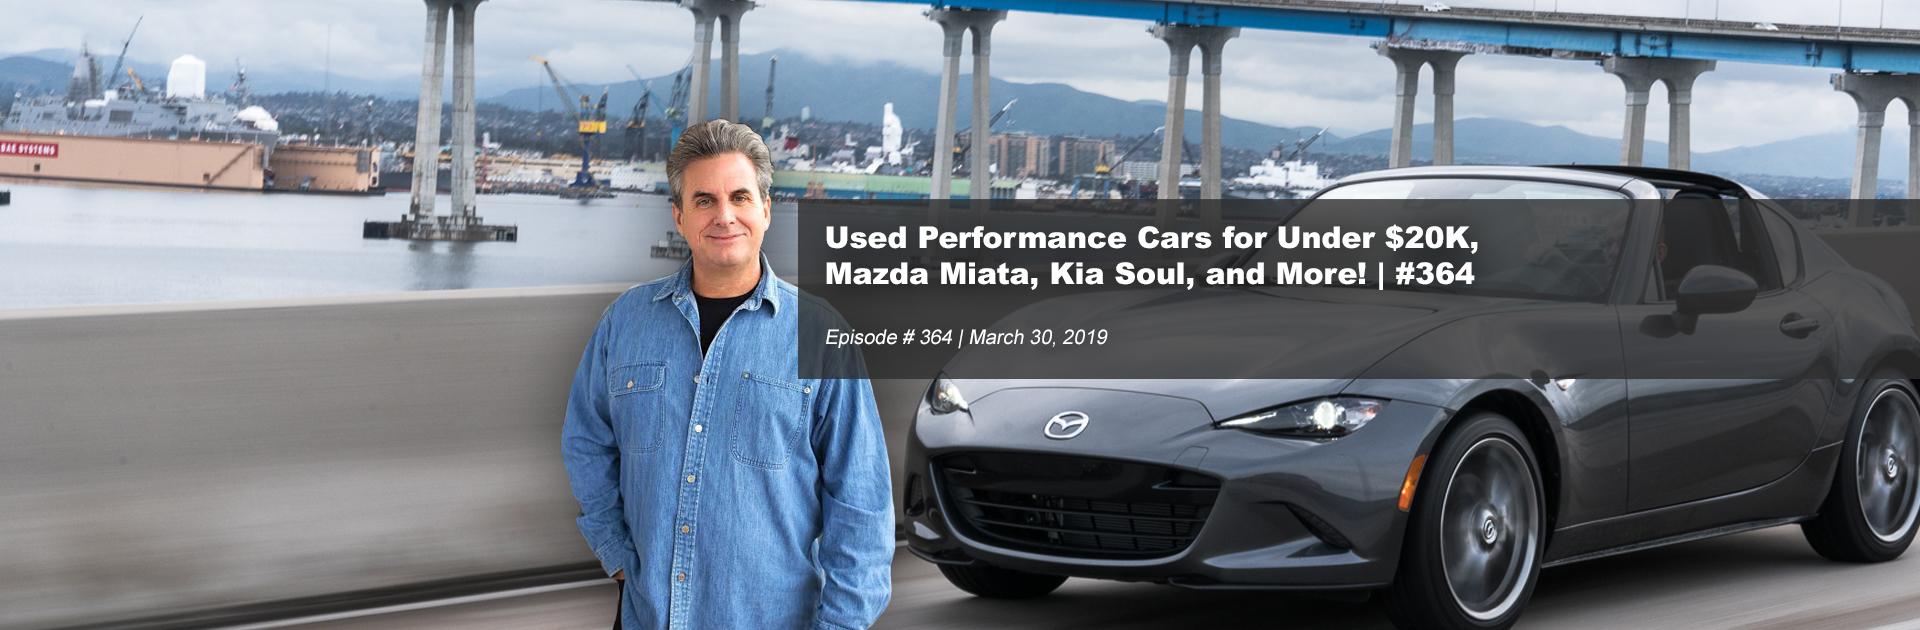 Used Performance Cars Under $20K, Mazda Miata, Kia Soul | #364